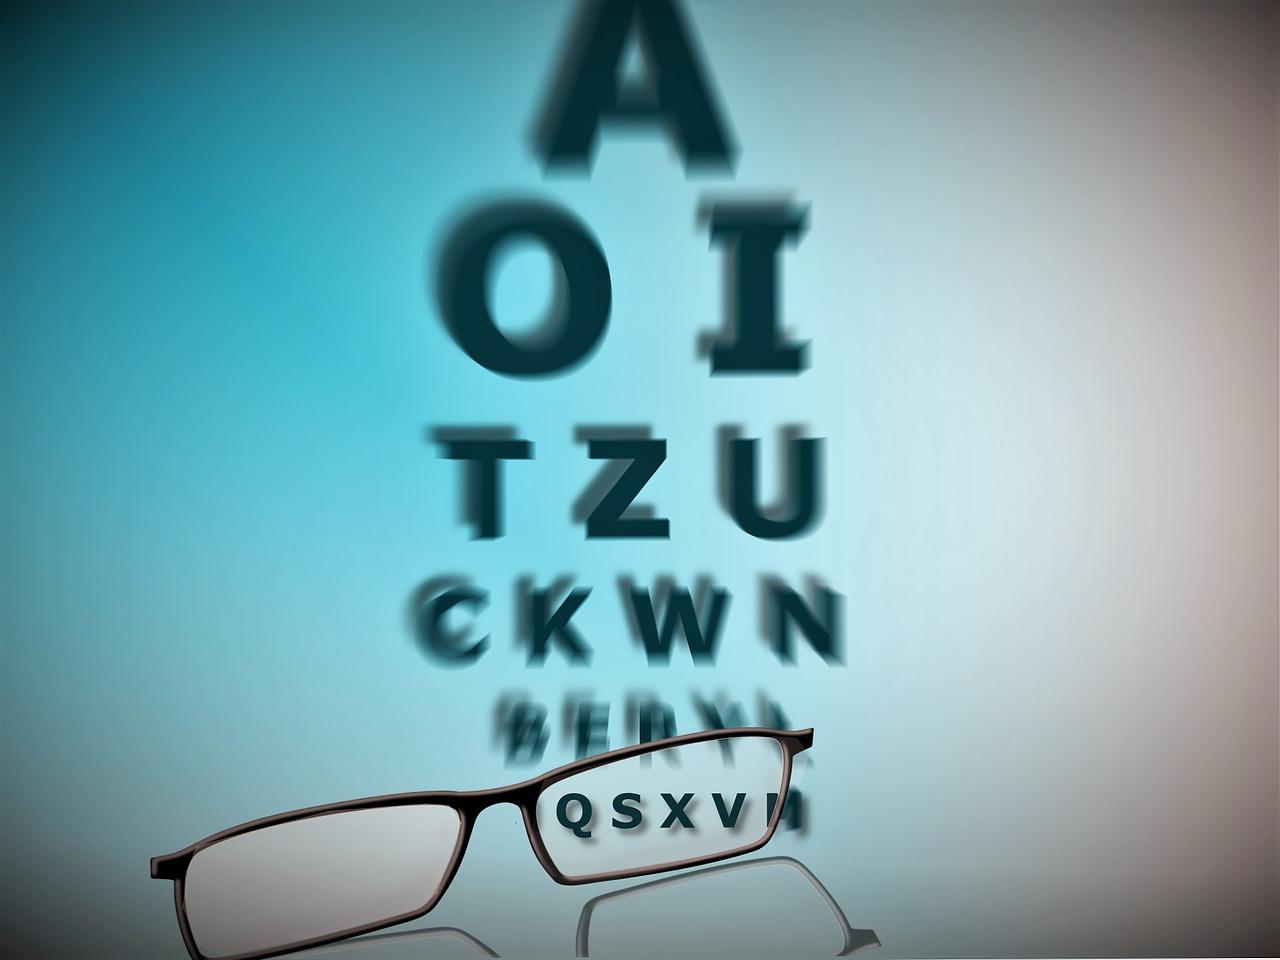 運転免許の視力検査の方法とは?内容と合格基準についてまとめ☆